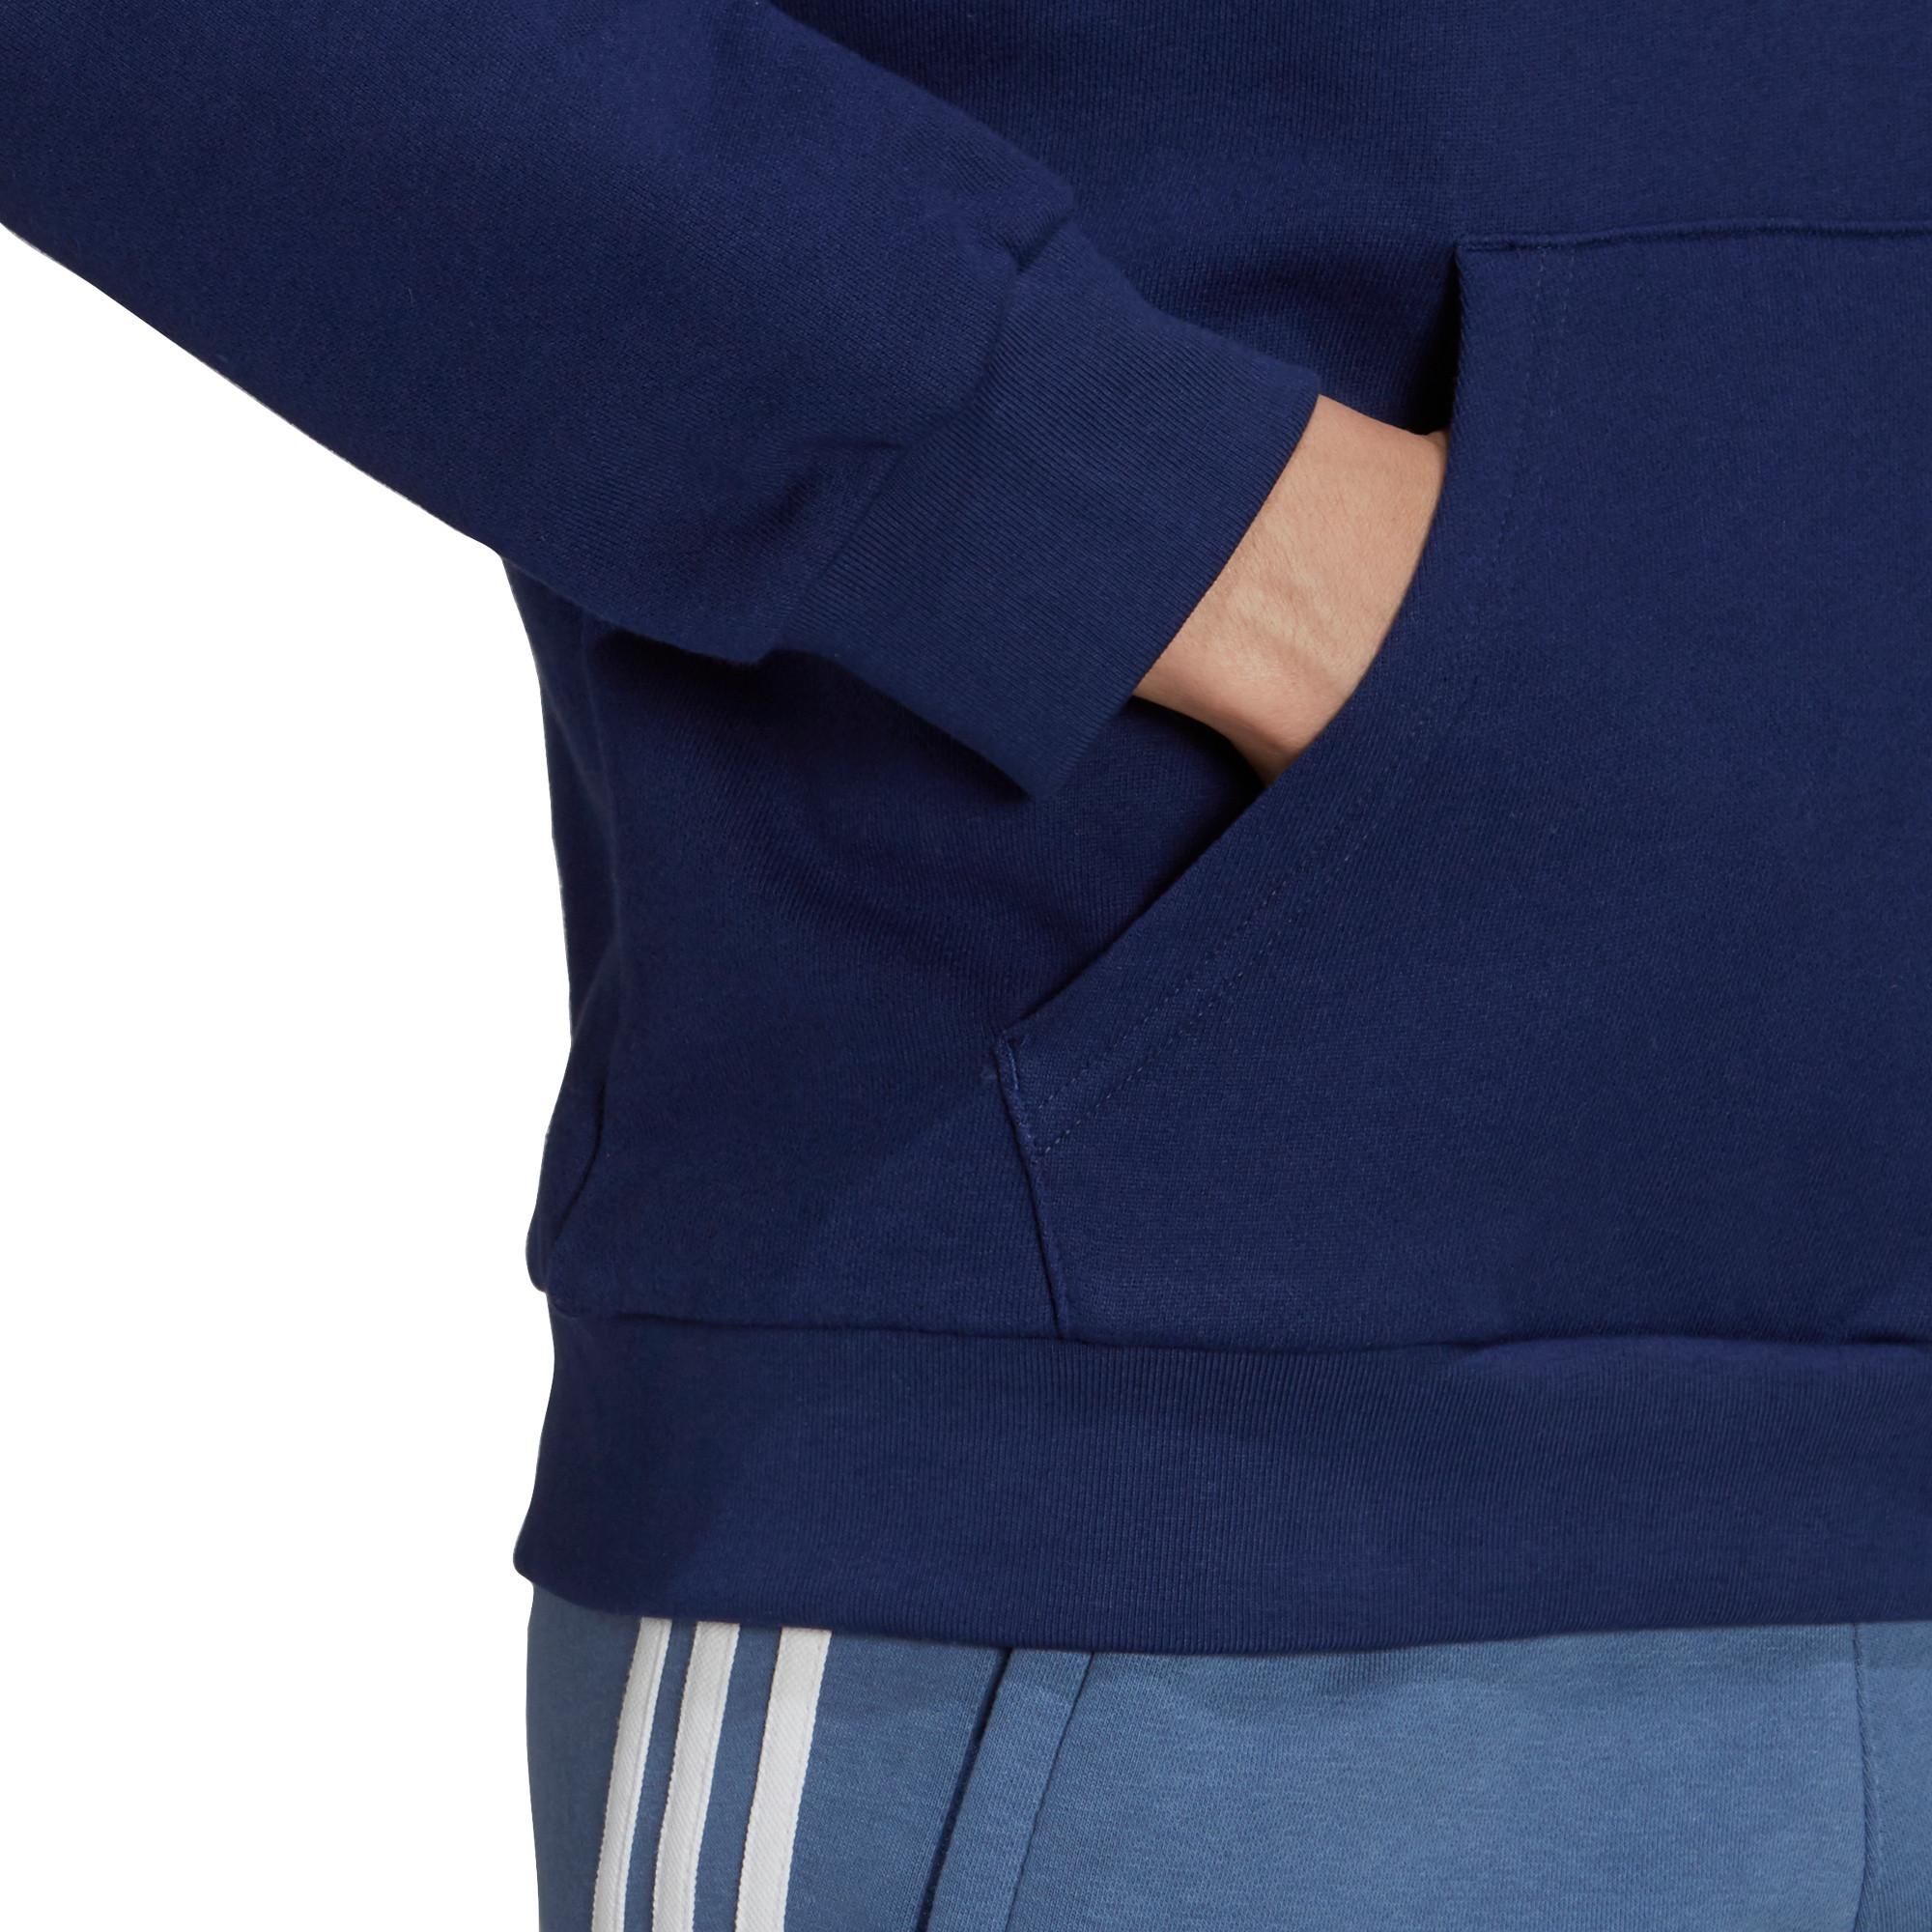 Felpa uomo con cappuccio adicolor Classics Trefoil, Bianco/Blu, large image number 5